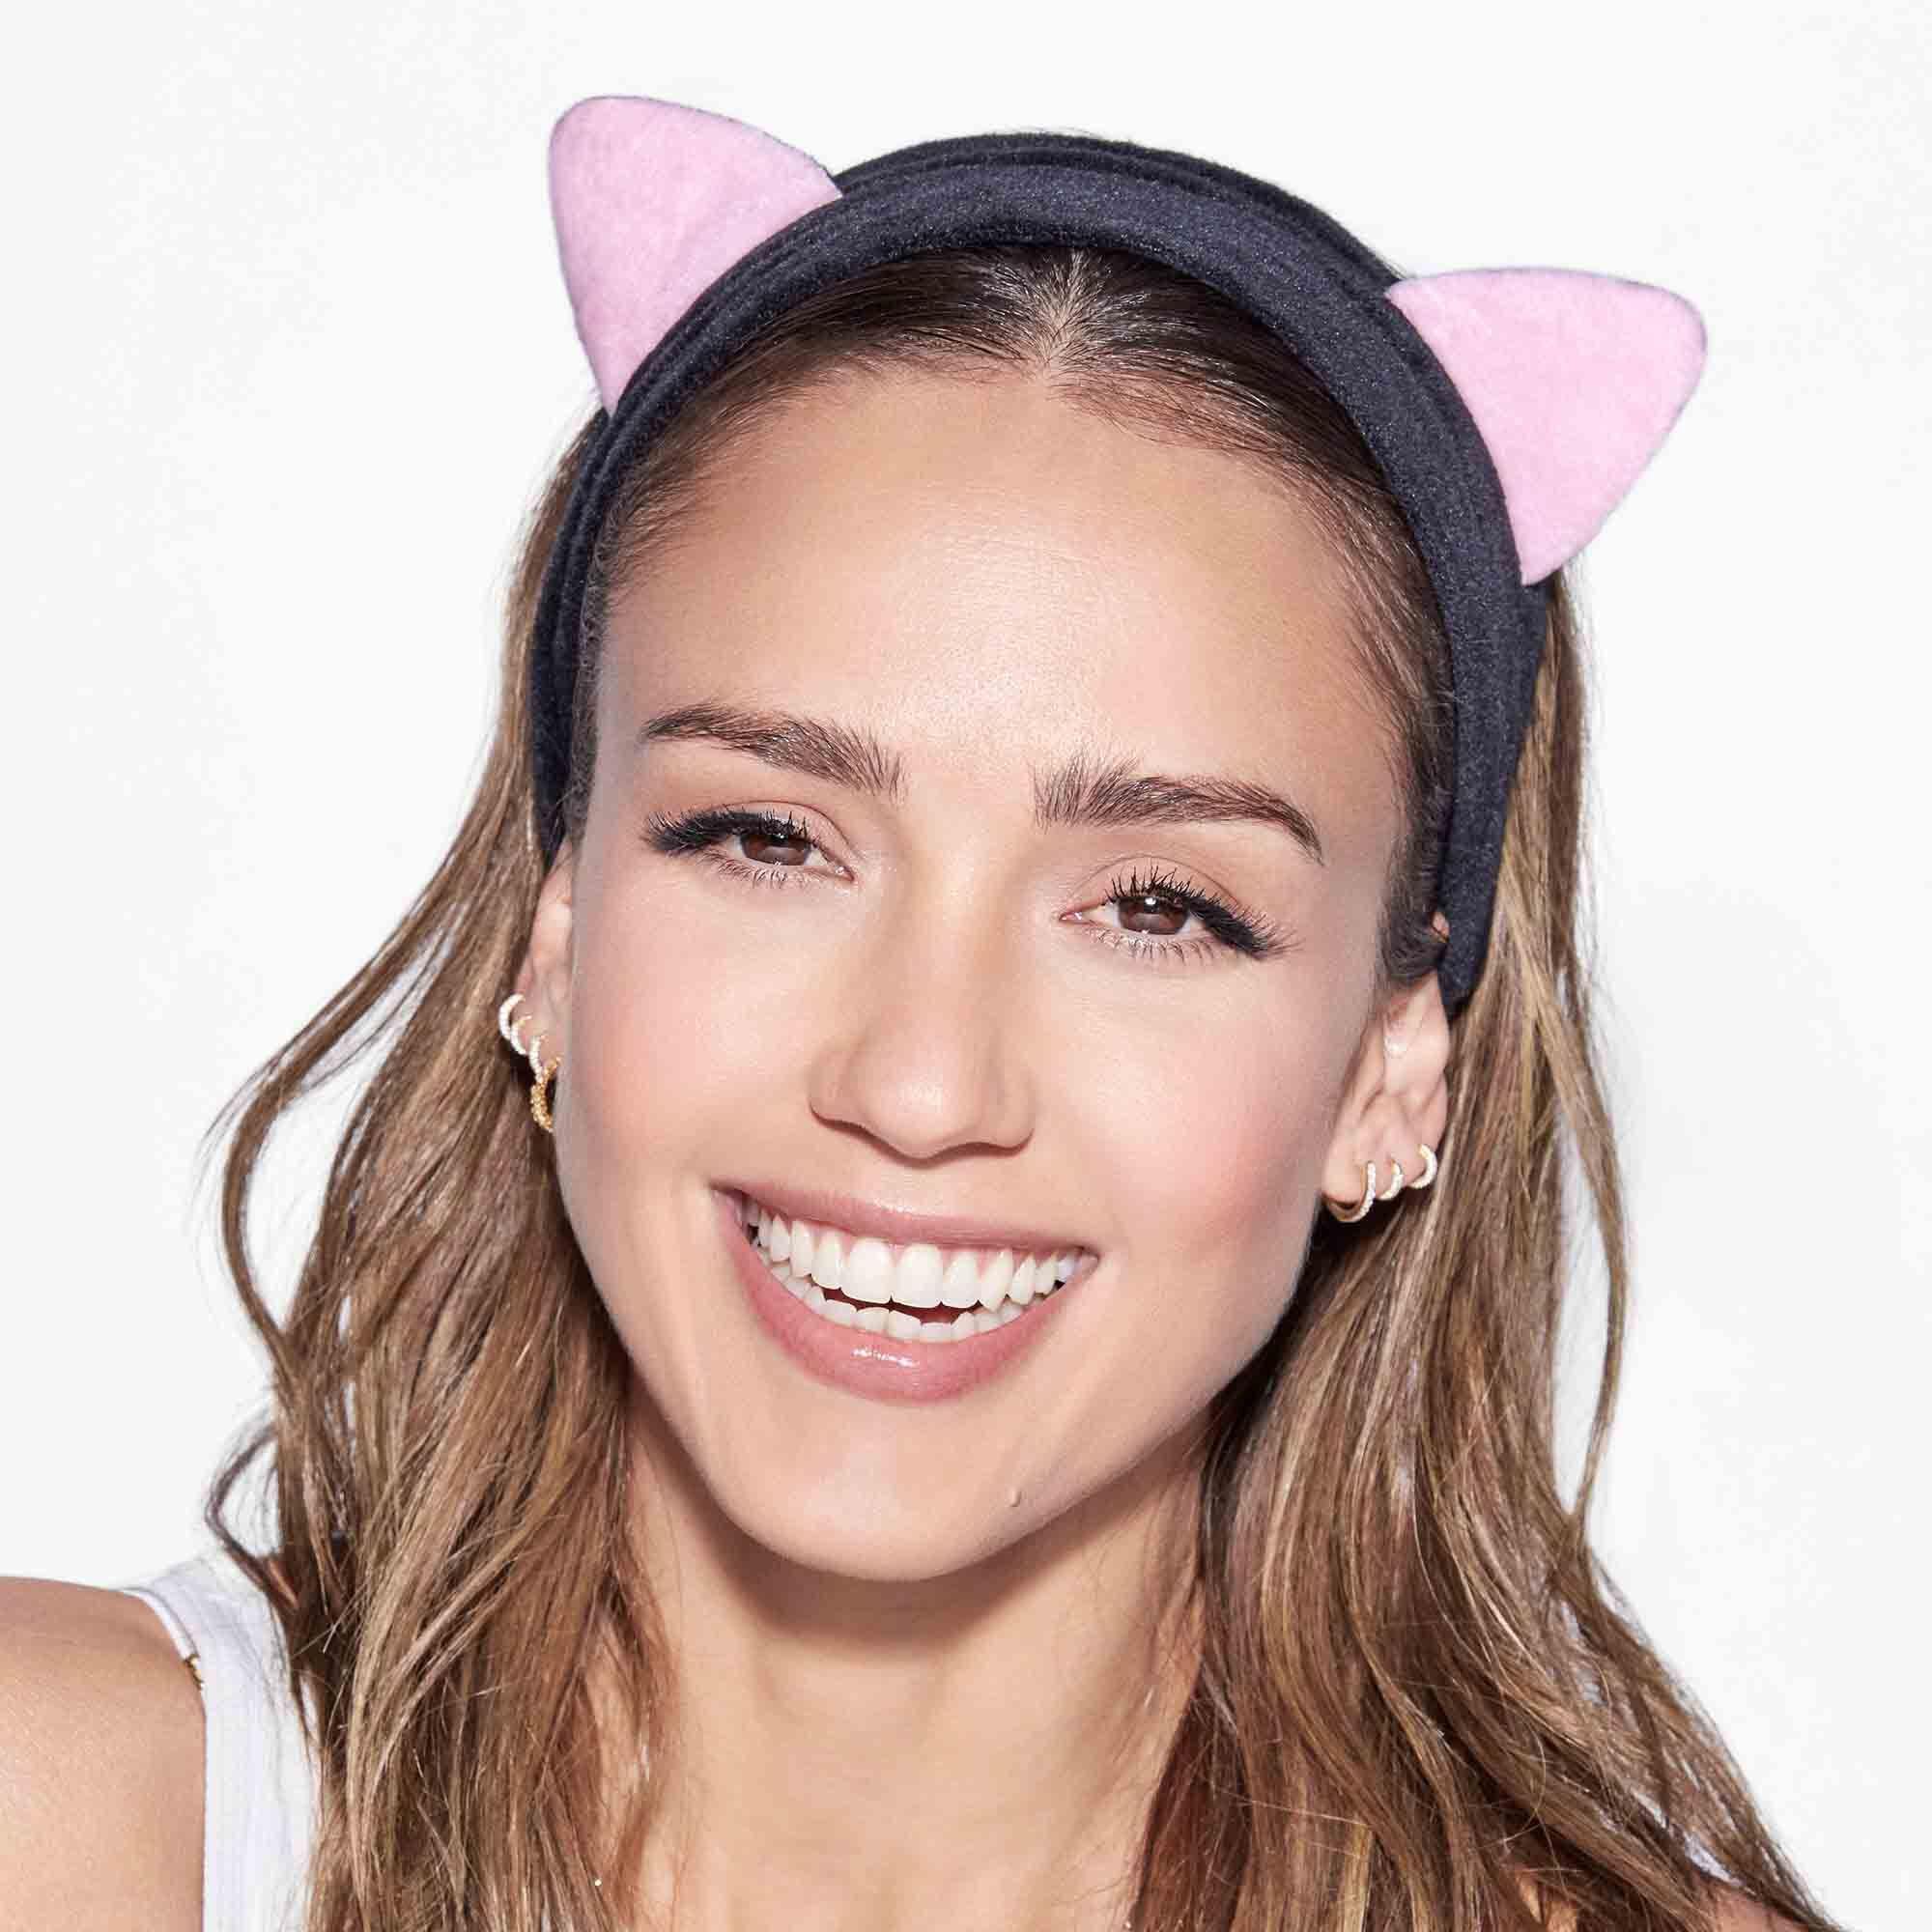 Cat Ear Headband